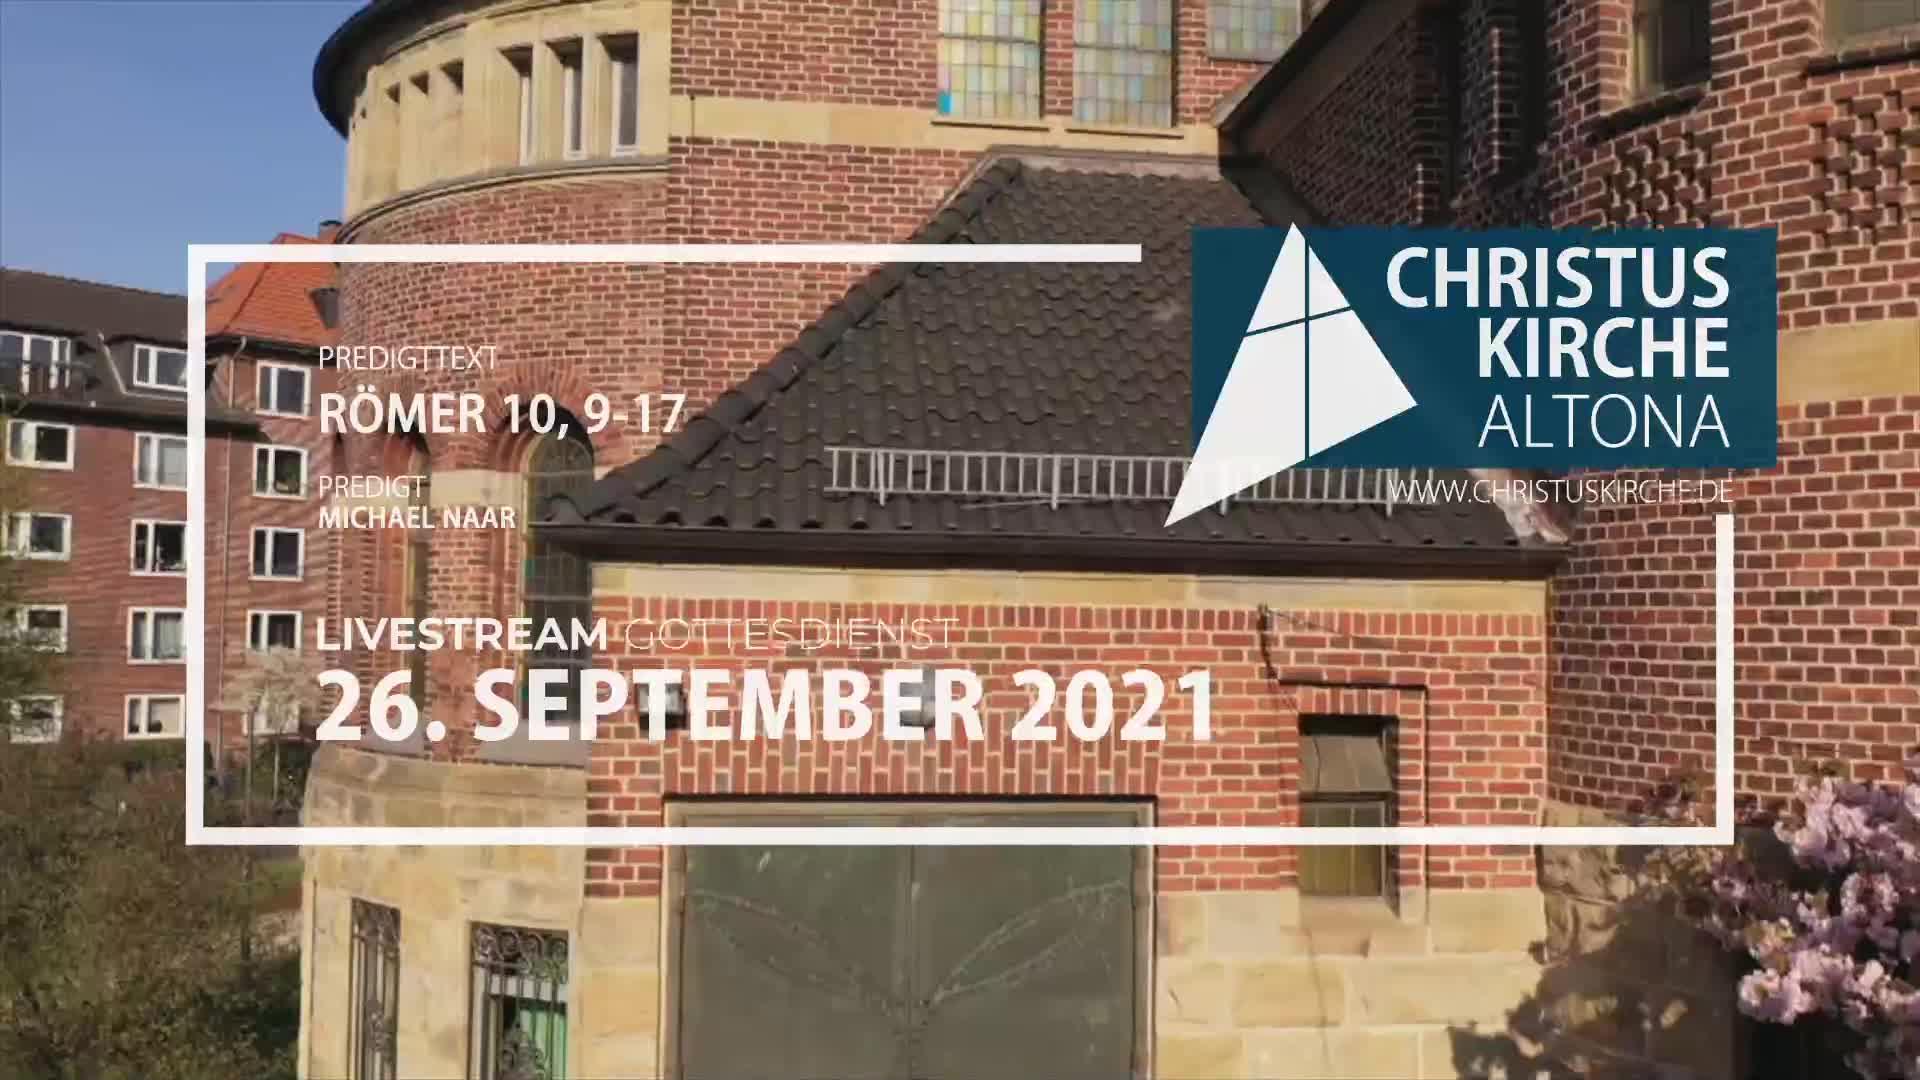 Gottesdienst - am 26. September - Livestream aus der Christuskirche Altona